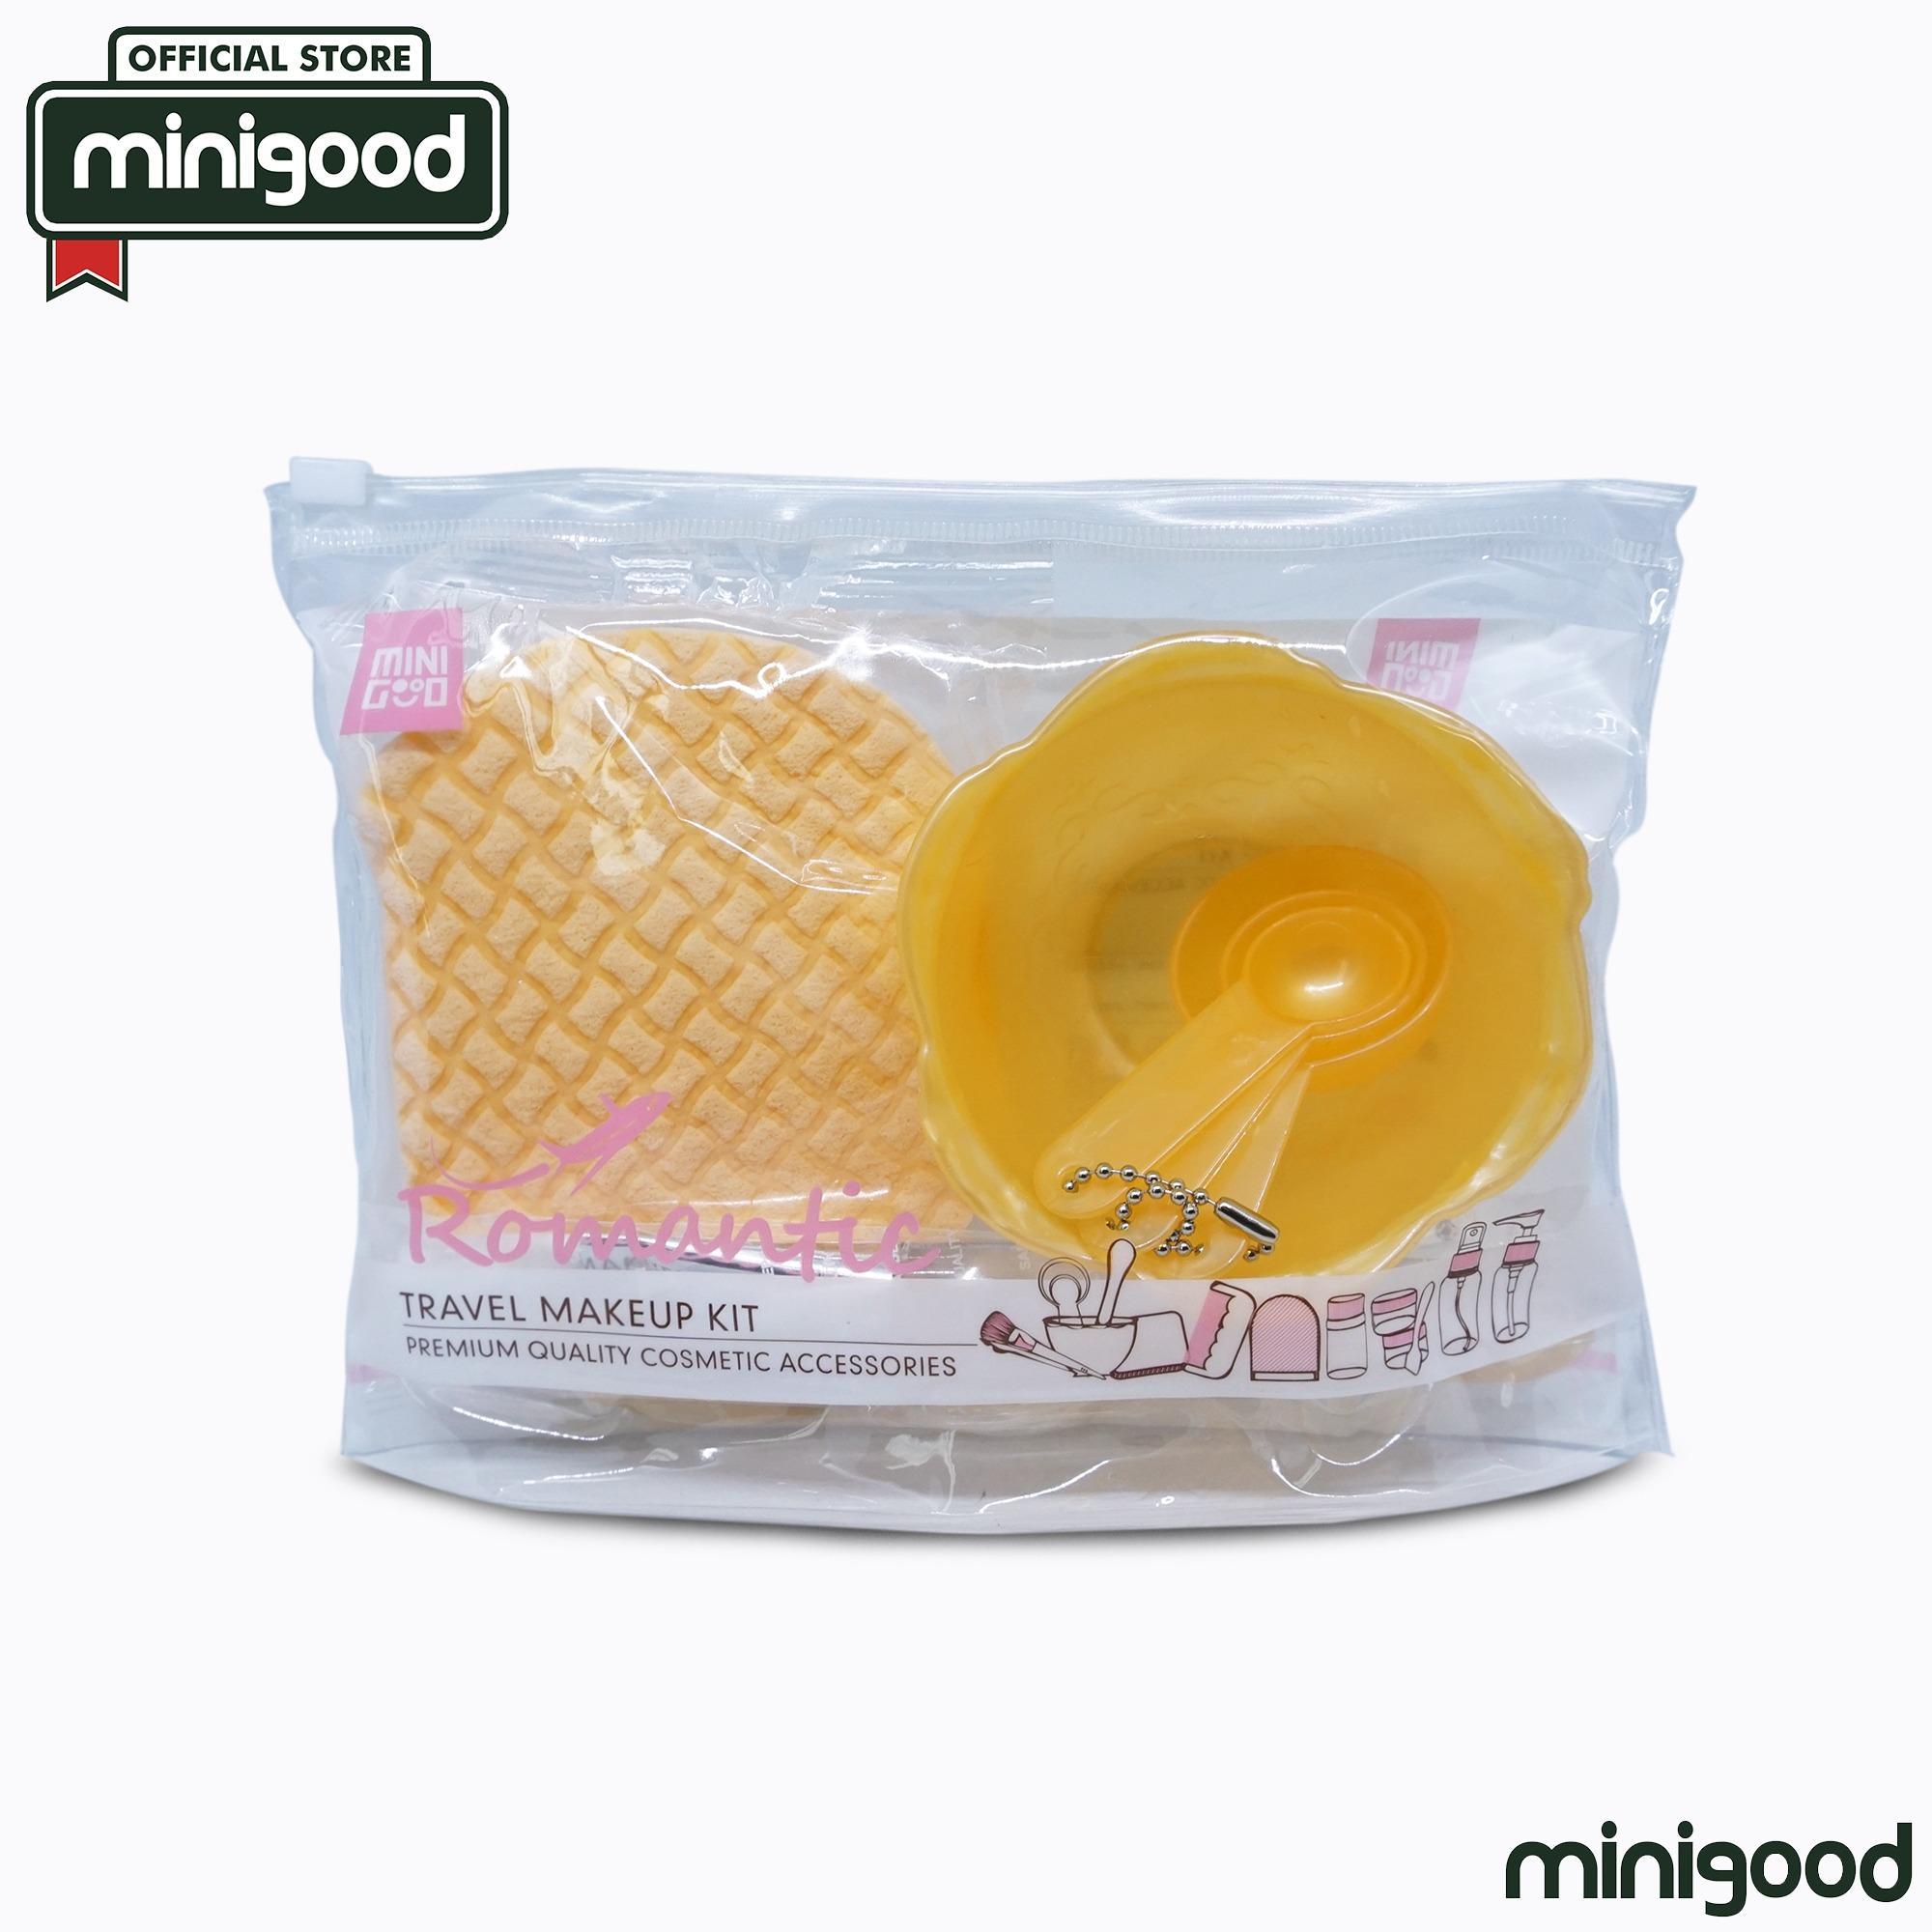 Kelebihan Minigood Terlengkap Facial Mask Set Peralatan Masker Wajah Kuas Detail Gambar Mangkok Sendok Spatula Praktis Terbaru